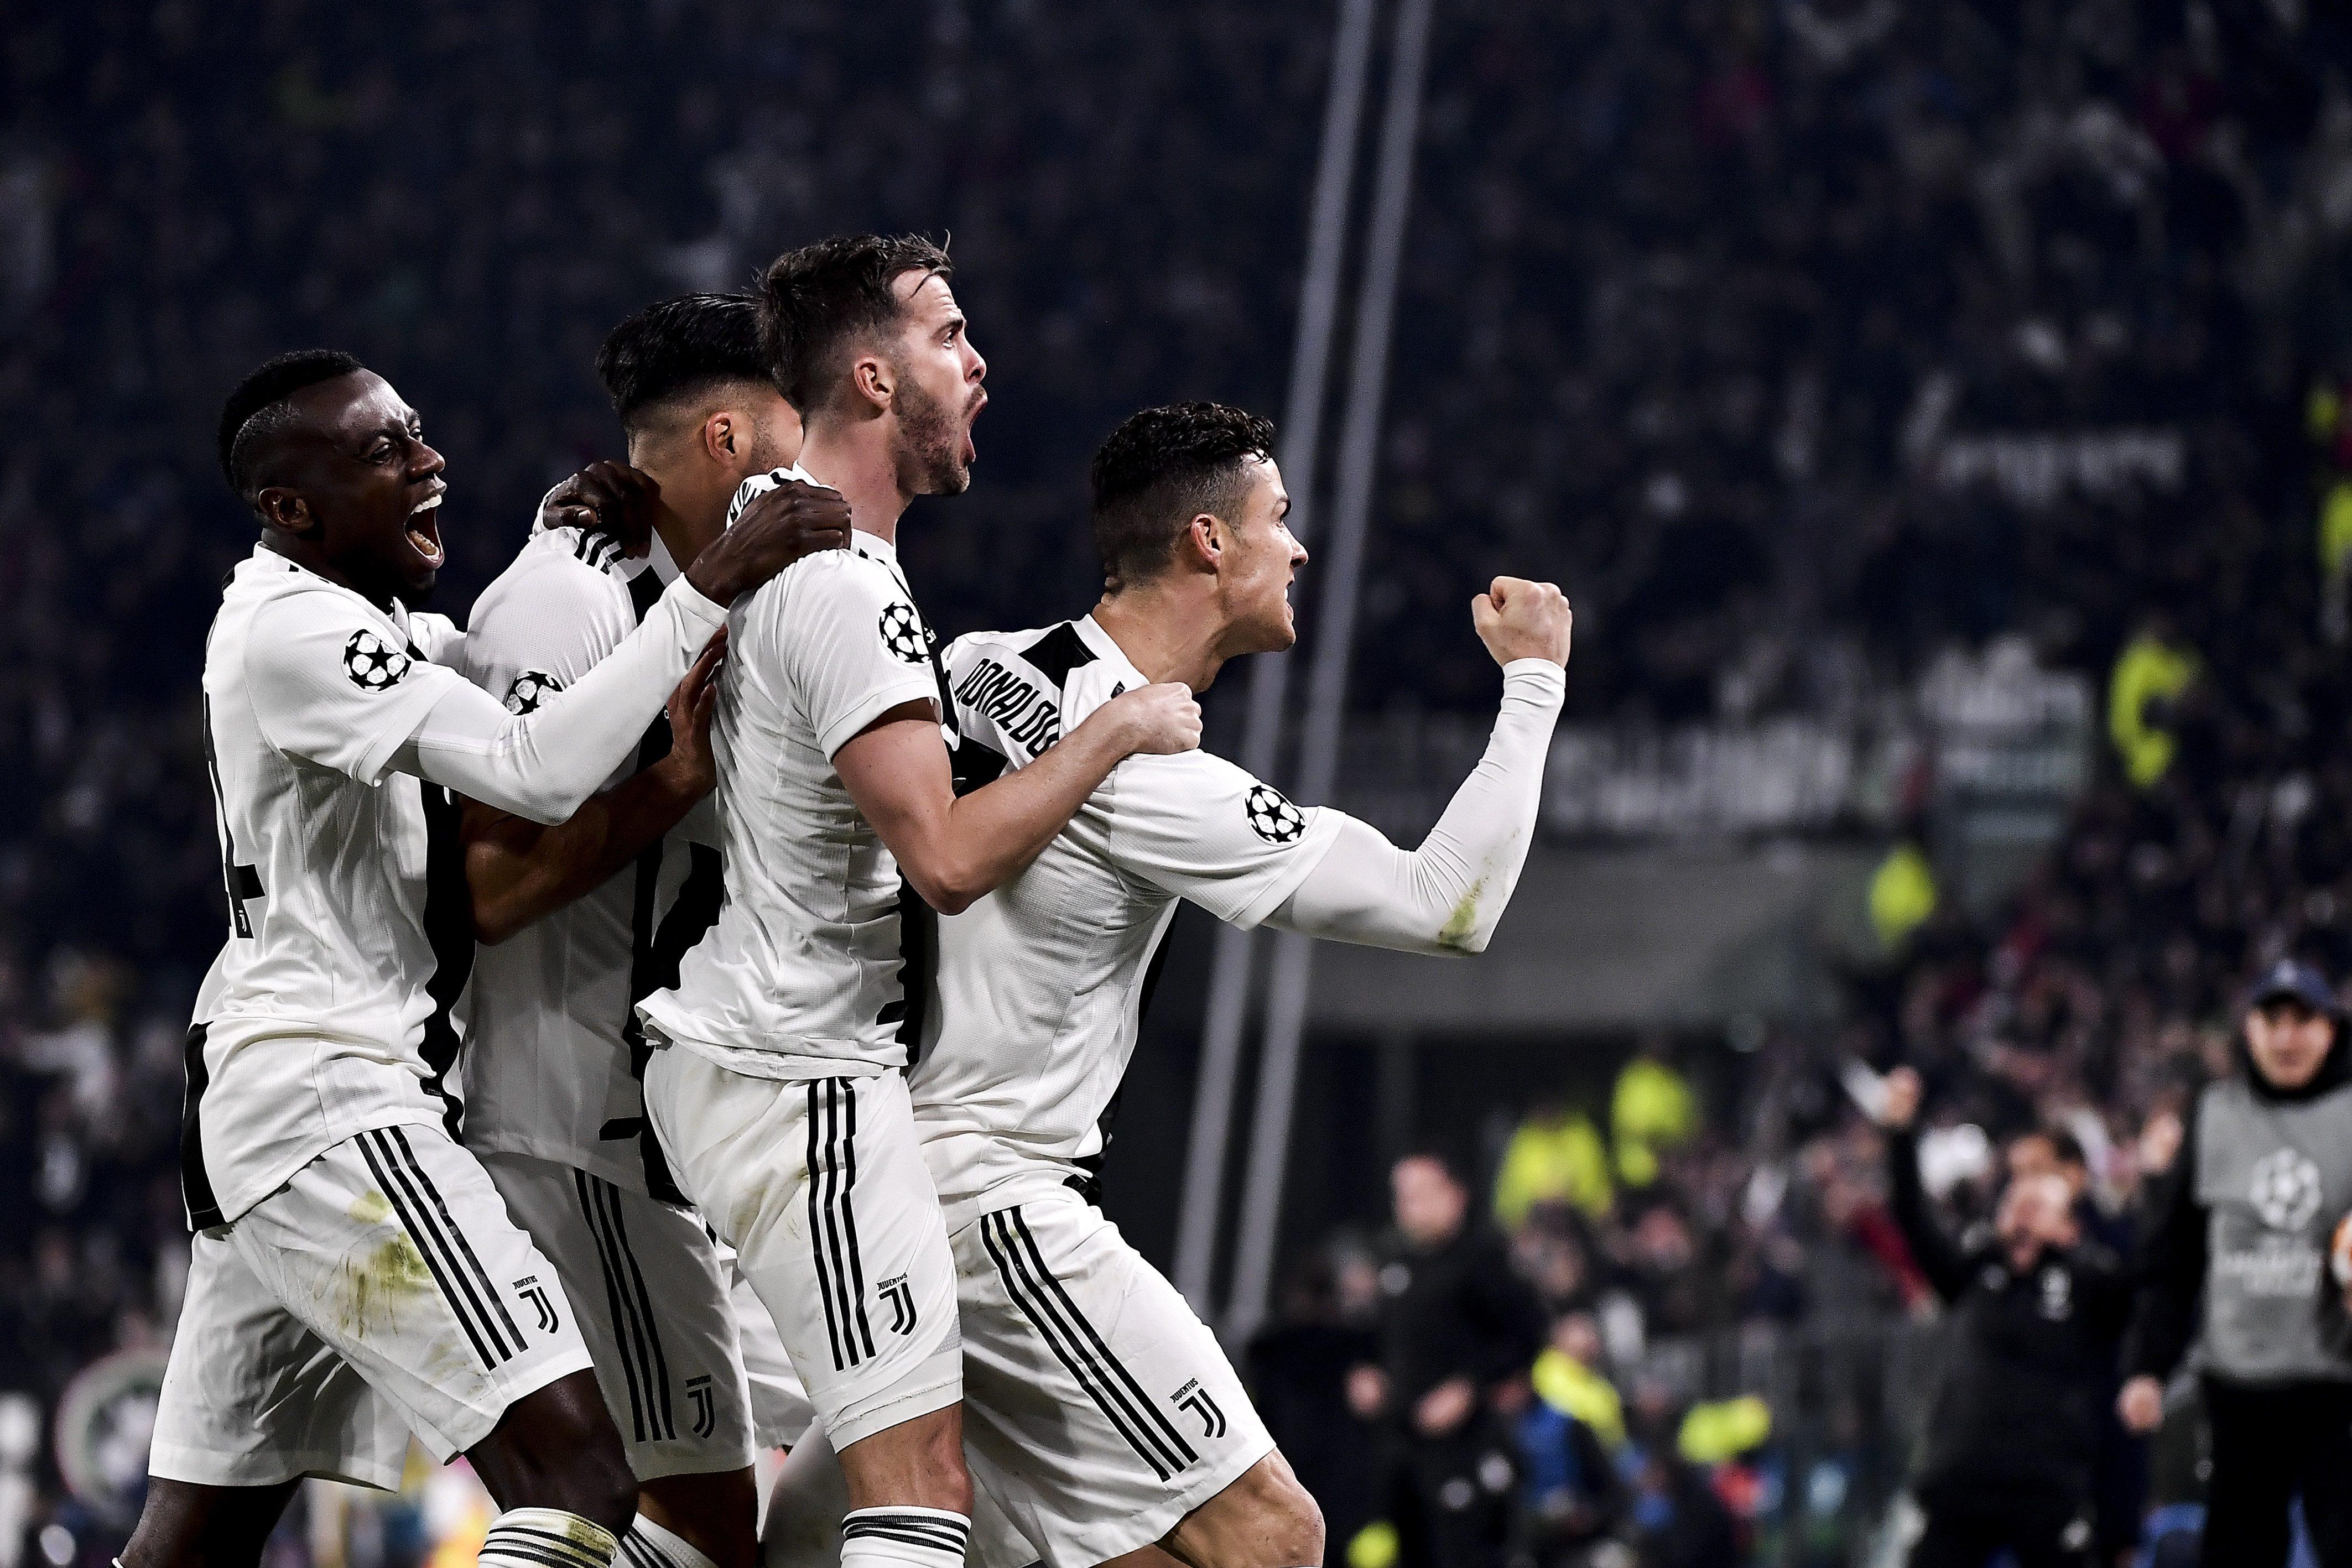 Il supercomputer ne è certo: la Juventus vincerà la Champions League 2019